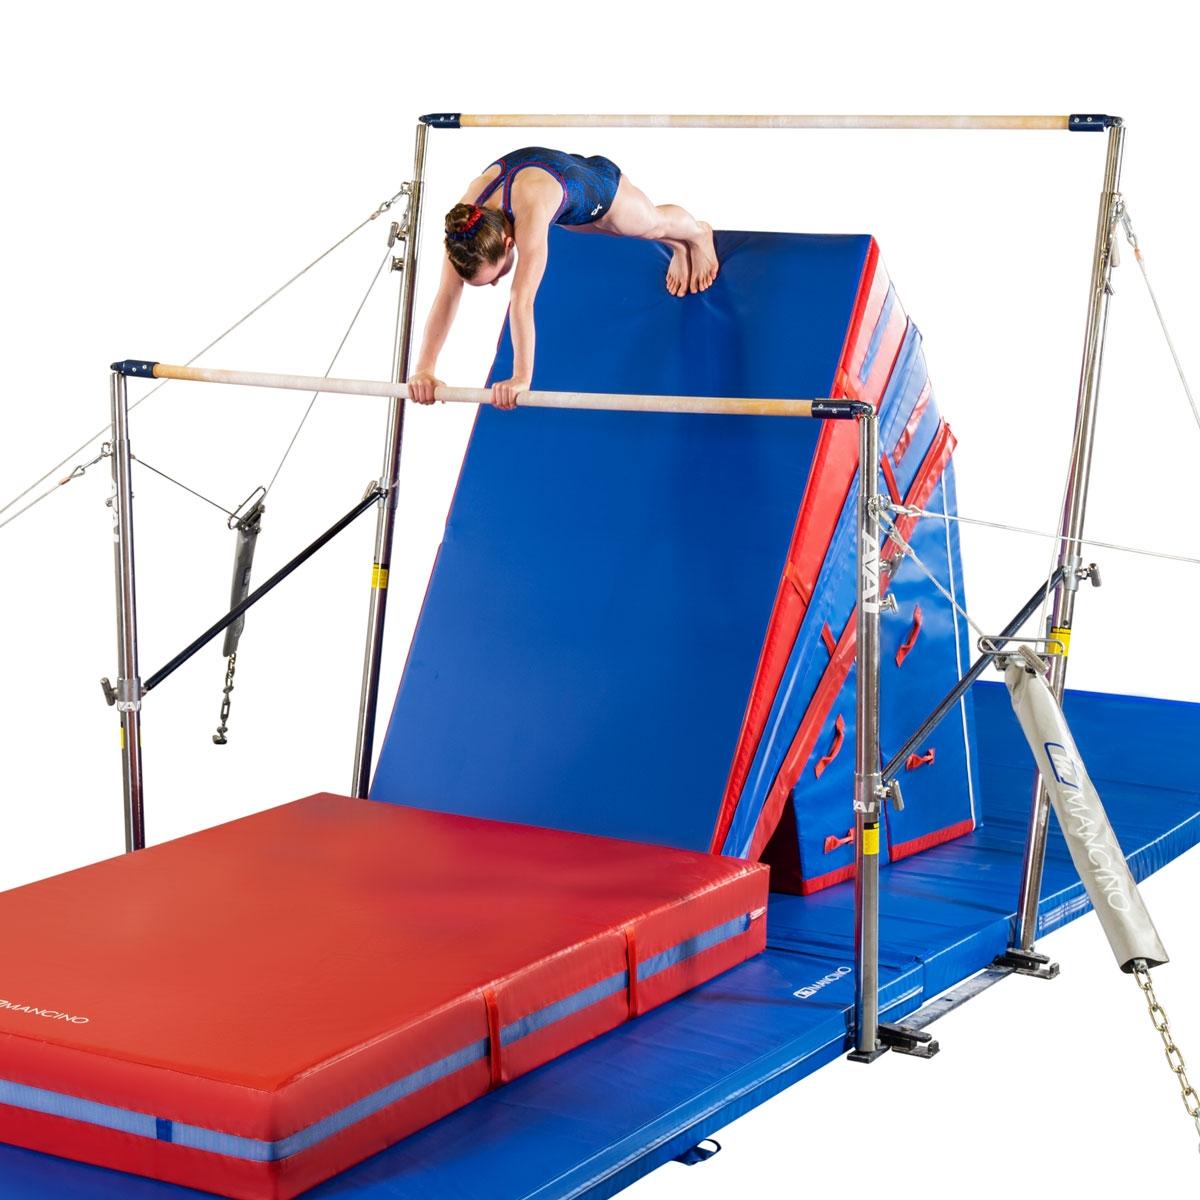 mancino big hill uneven bars trainer mats